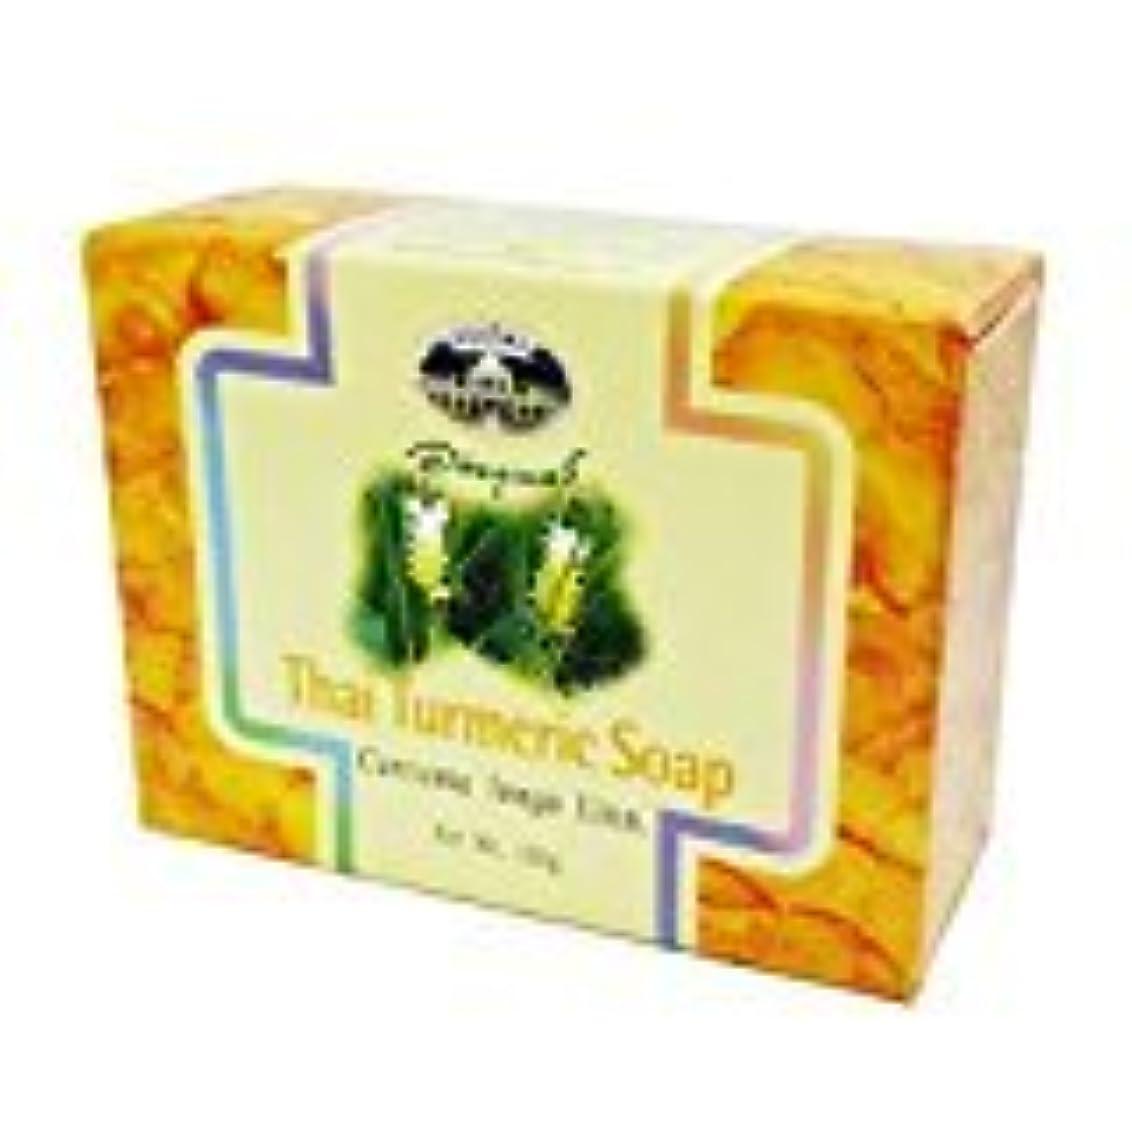 発明する抽象唯一ウコン石けん abhaibhubejhr Turmeric soap 100g